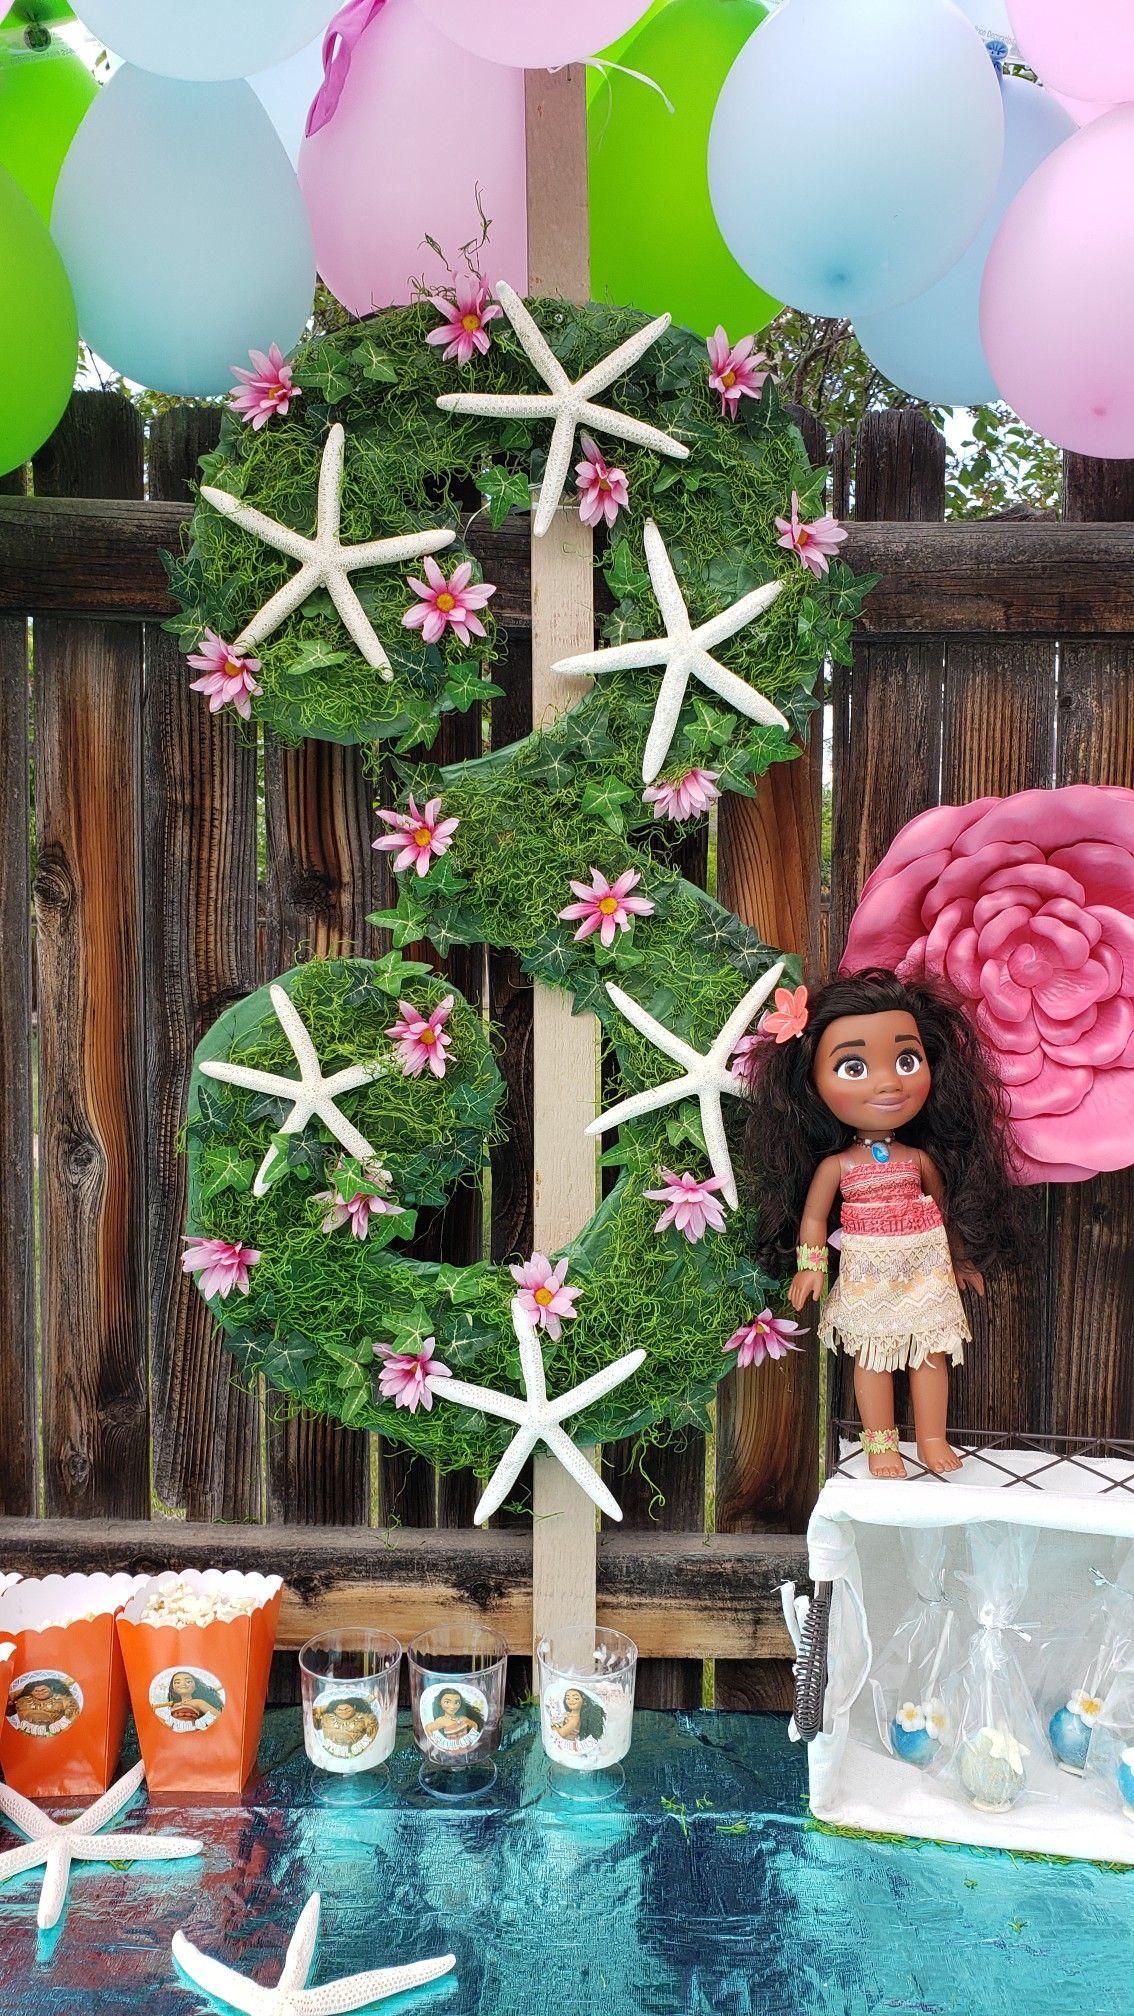 The Historic Moana Surfrider Hotel In Hawaii Gets All ... |Moana Themed Christmas Tree